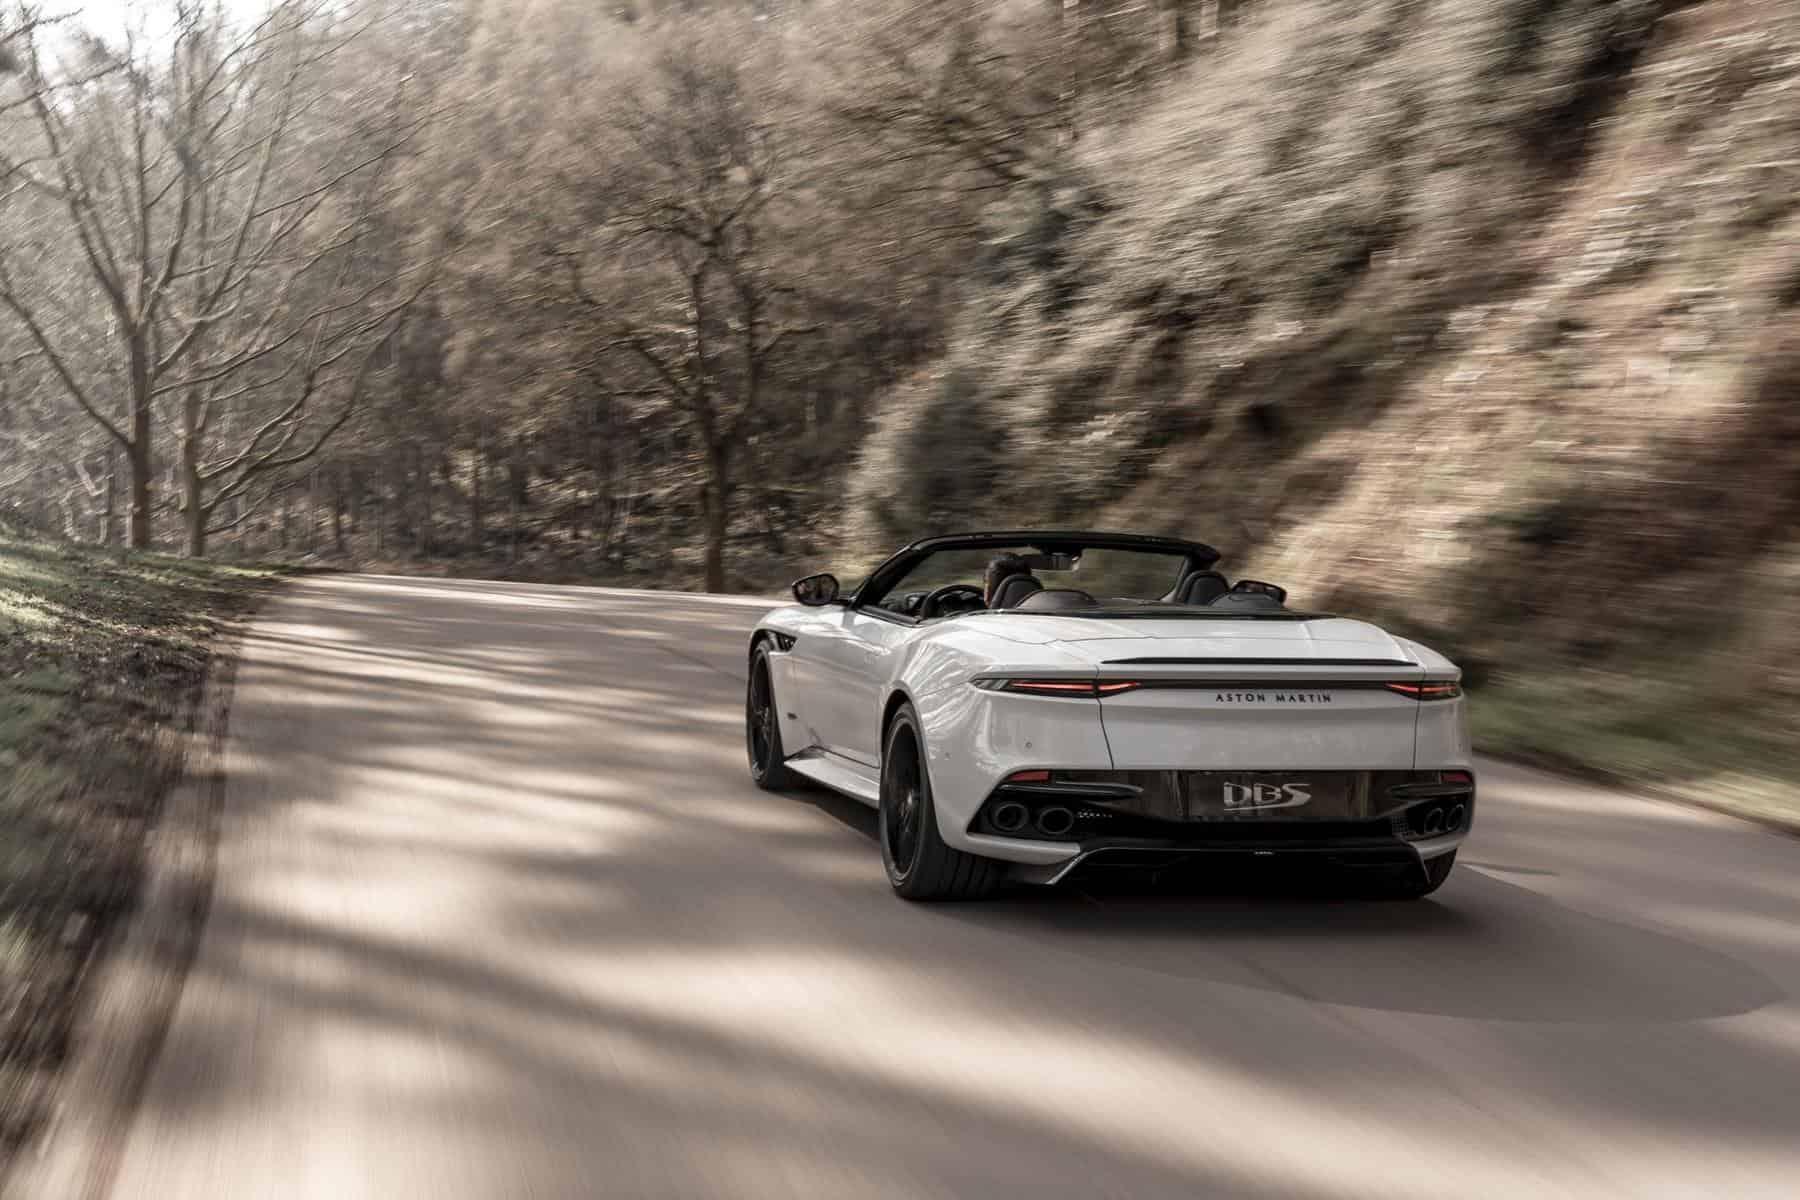 Aston Martin DBS Superleggera 9